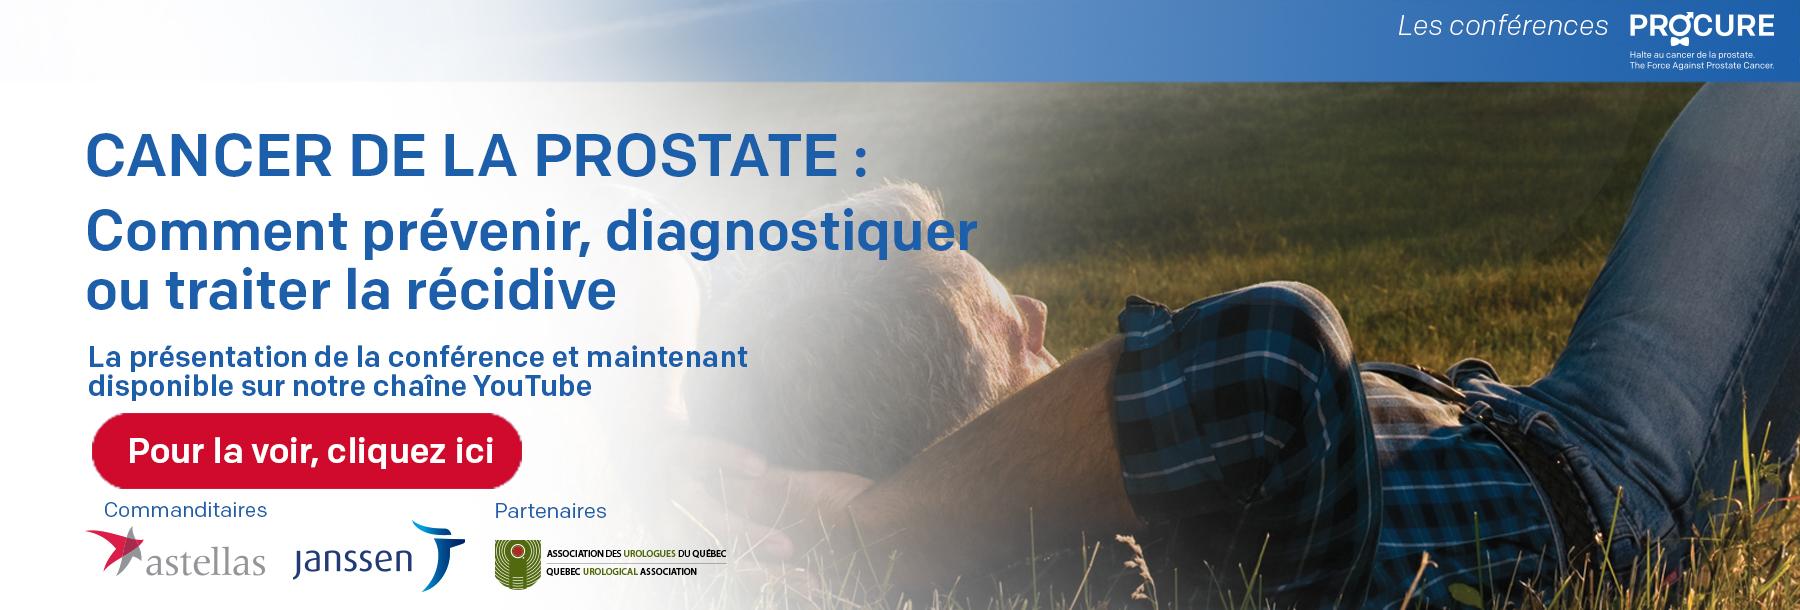 conference-PROCURE-cancer-prostate-2017-la récidive-avec-FredericPouliot